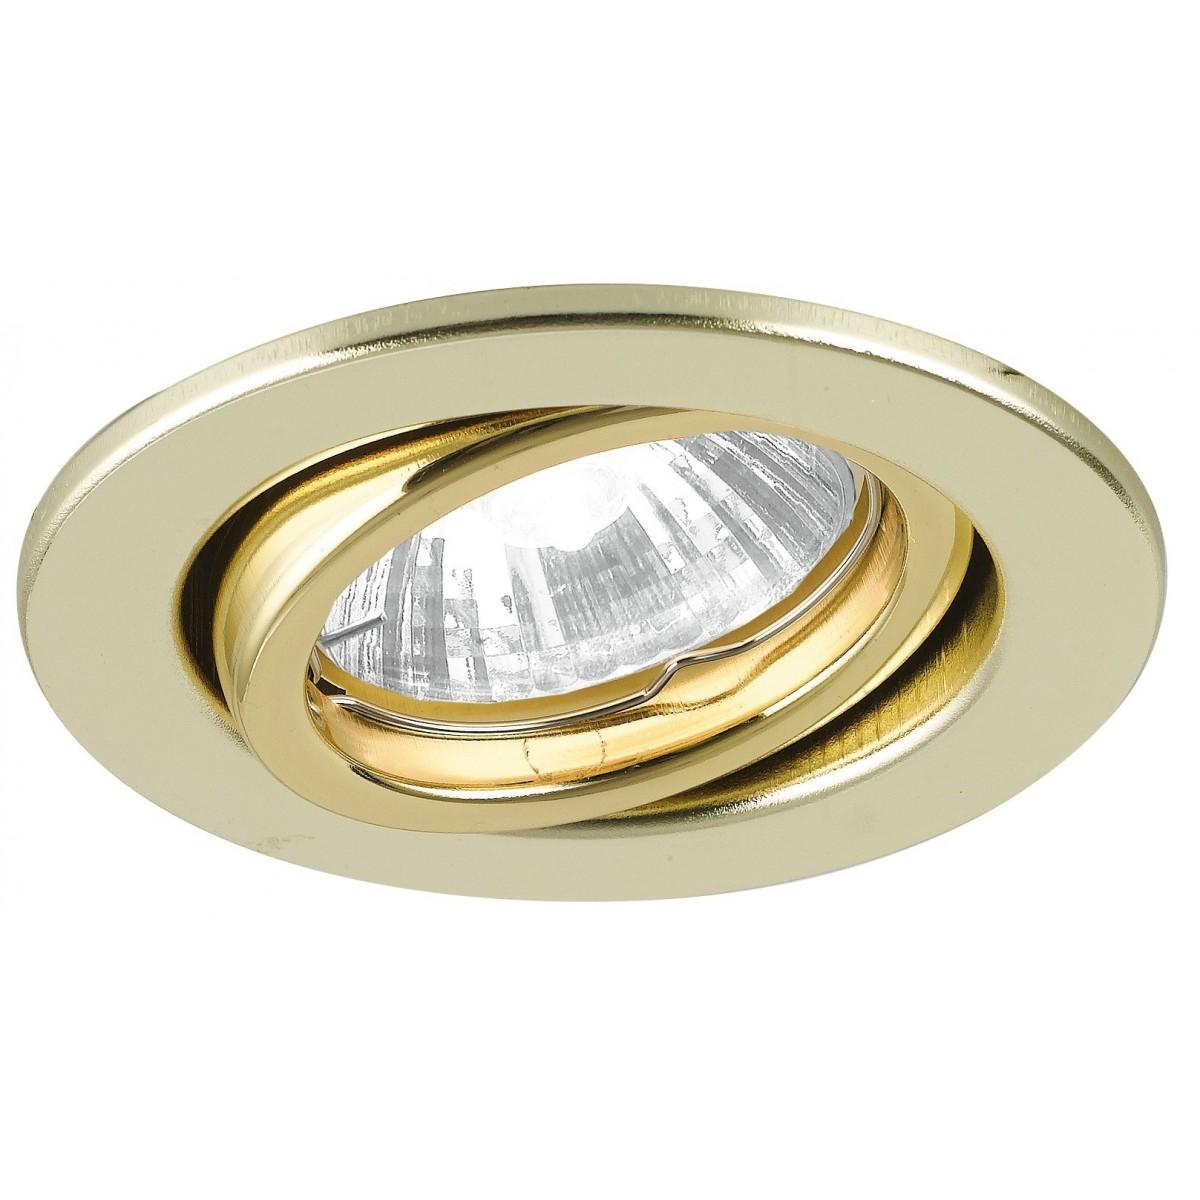 Faretti Da Incasso Legno inc-matrix-dm1 oro - faretto orientabile tondo metallo oro incasso  cartongesso 42 watt gu10